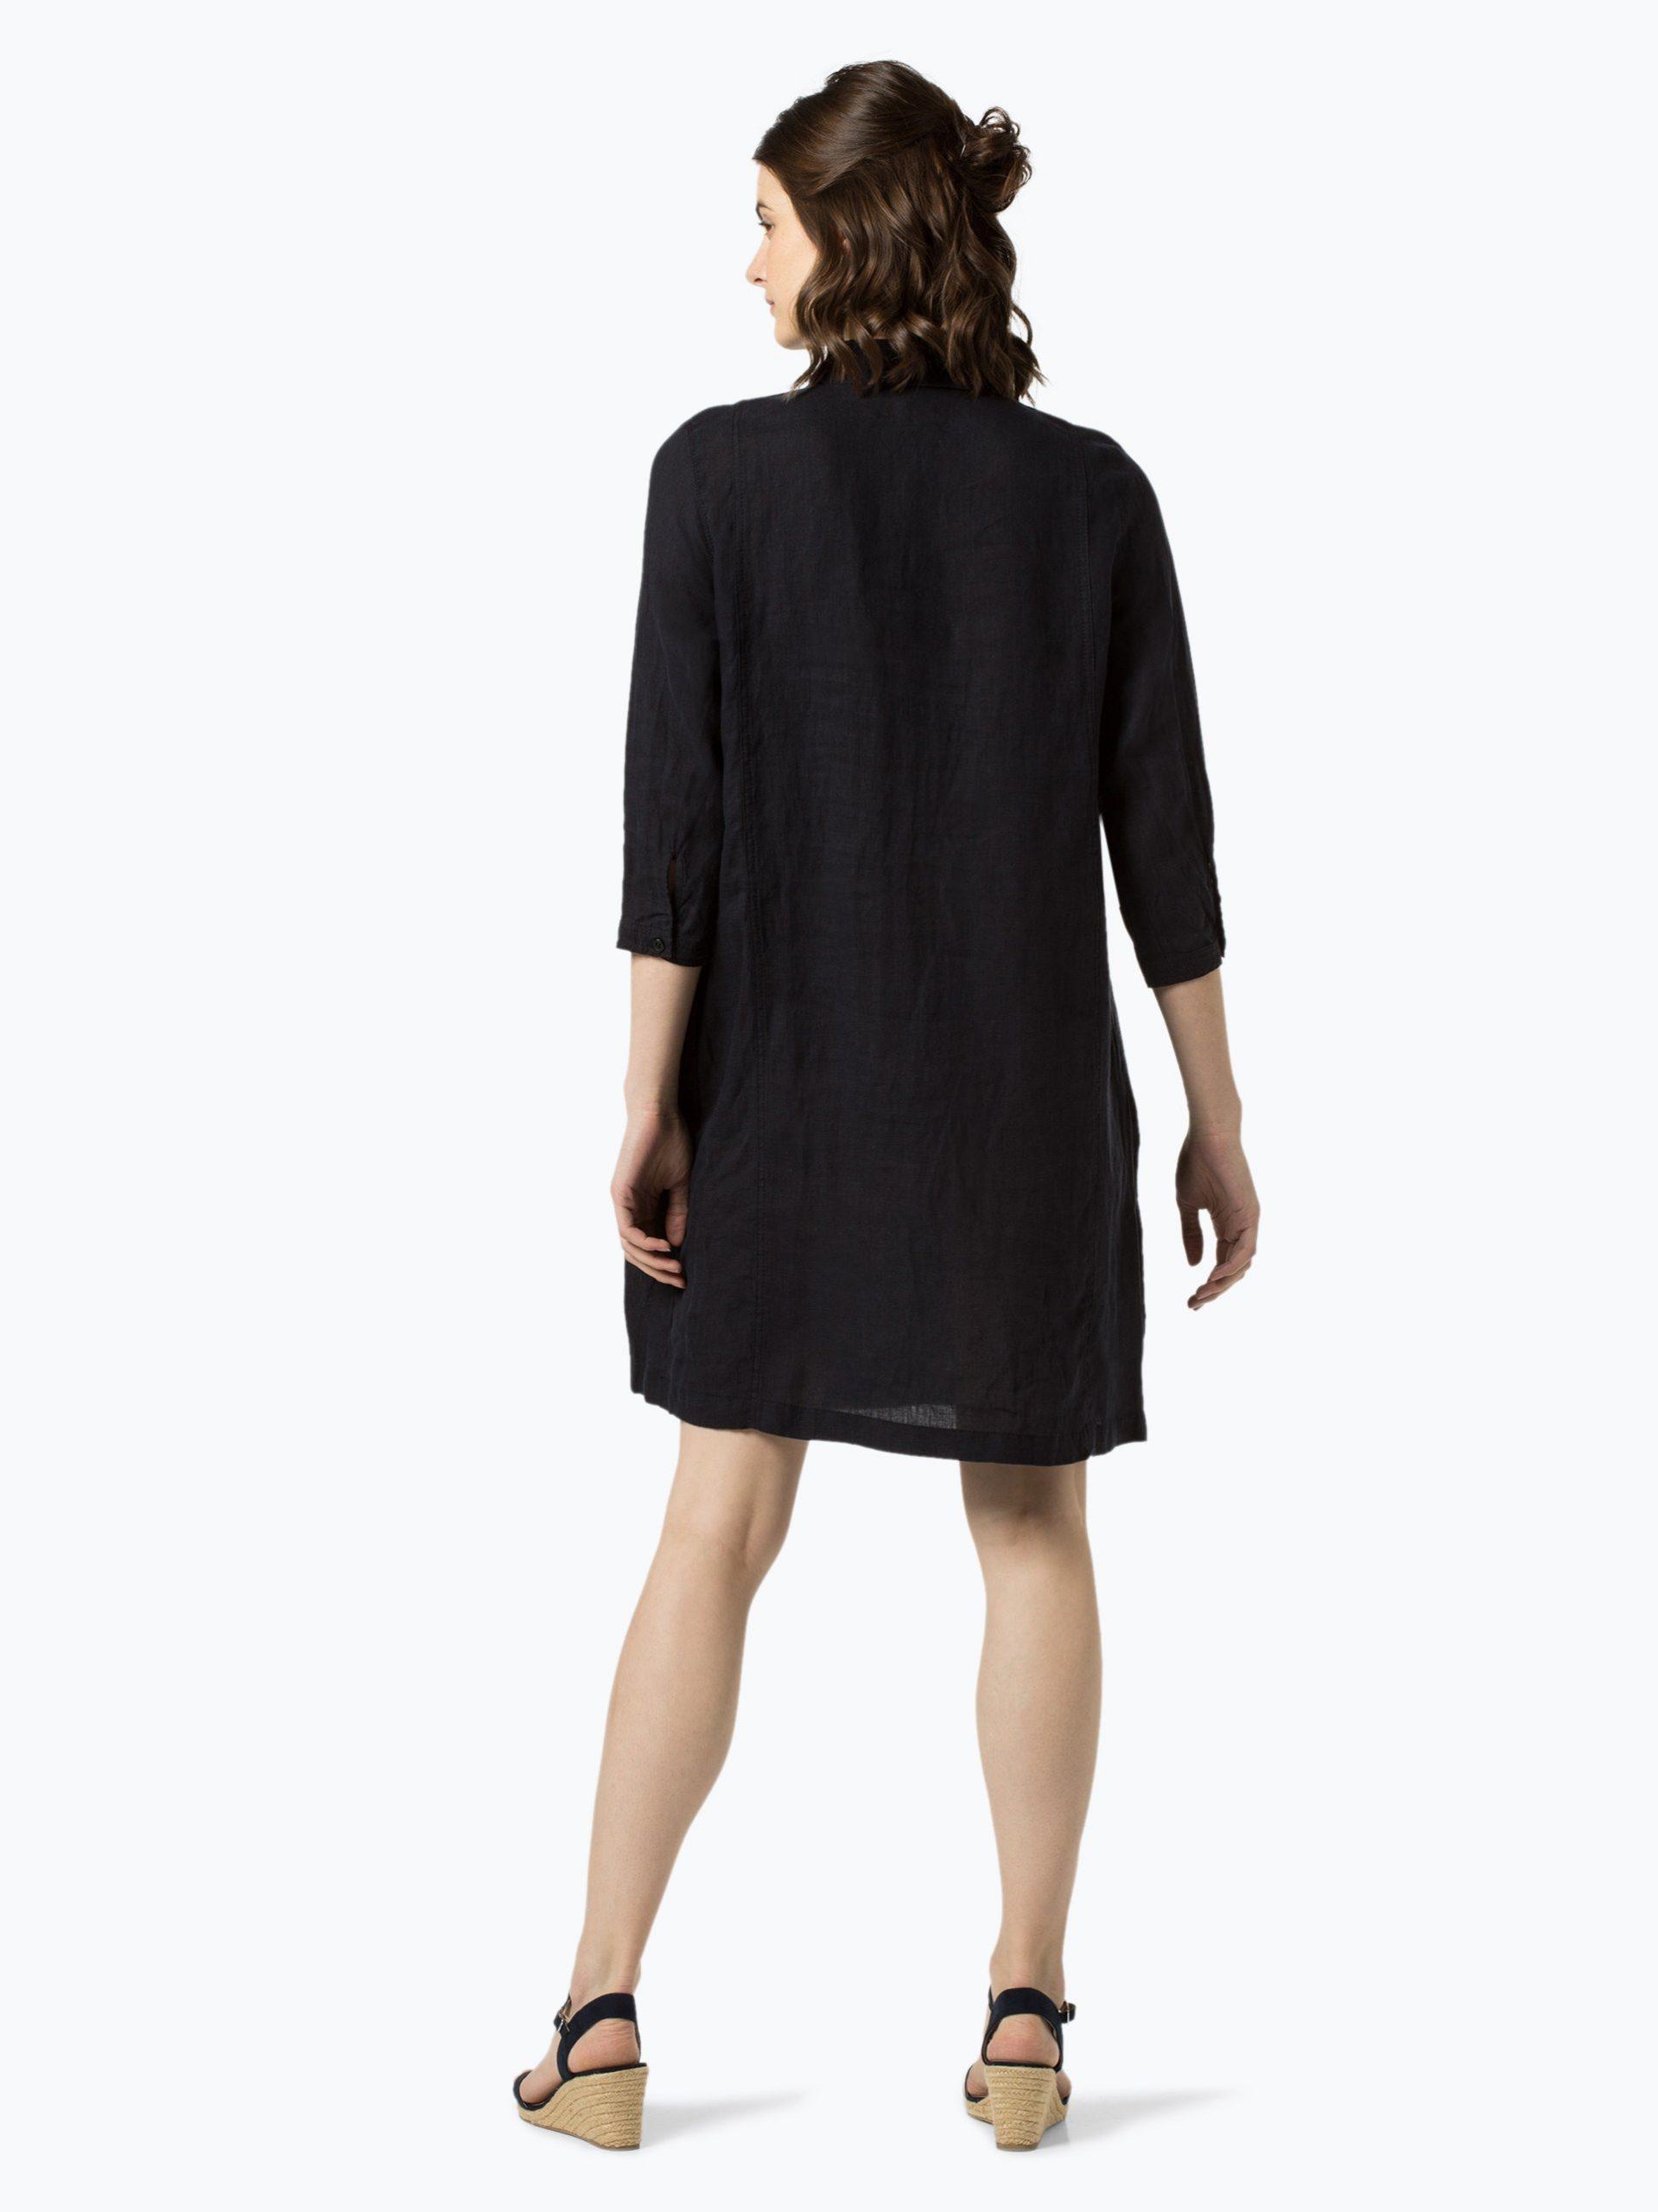 Someday Damen Leinenkleid  Quynh Online Kaufen  Peekund